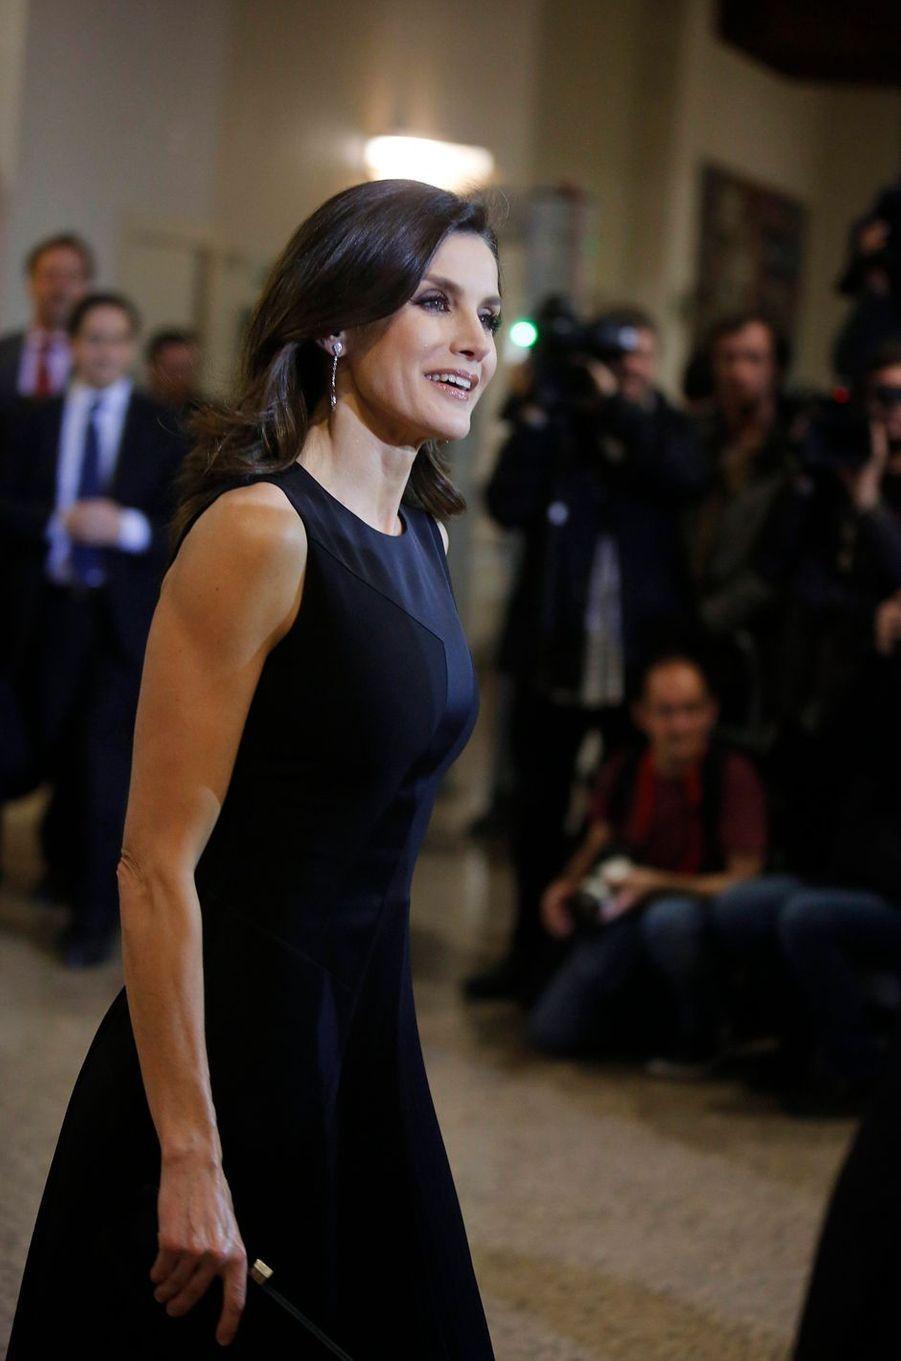 La reine Letizia d'Espagne à Madrid, le 7 mars 2019